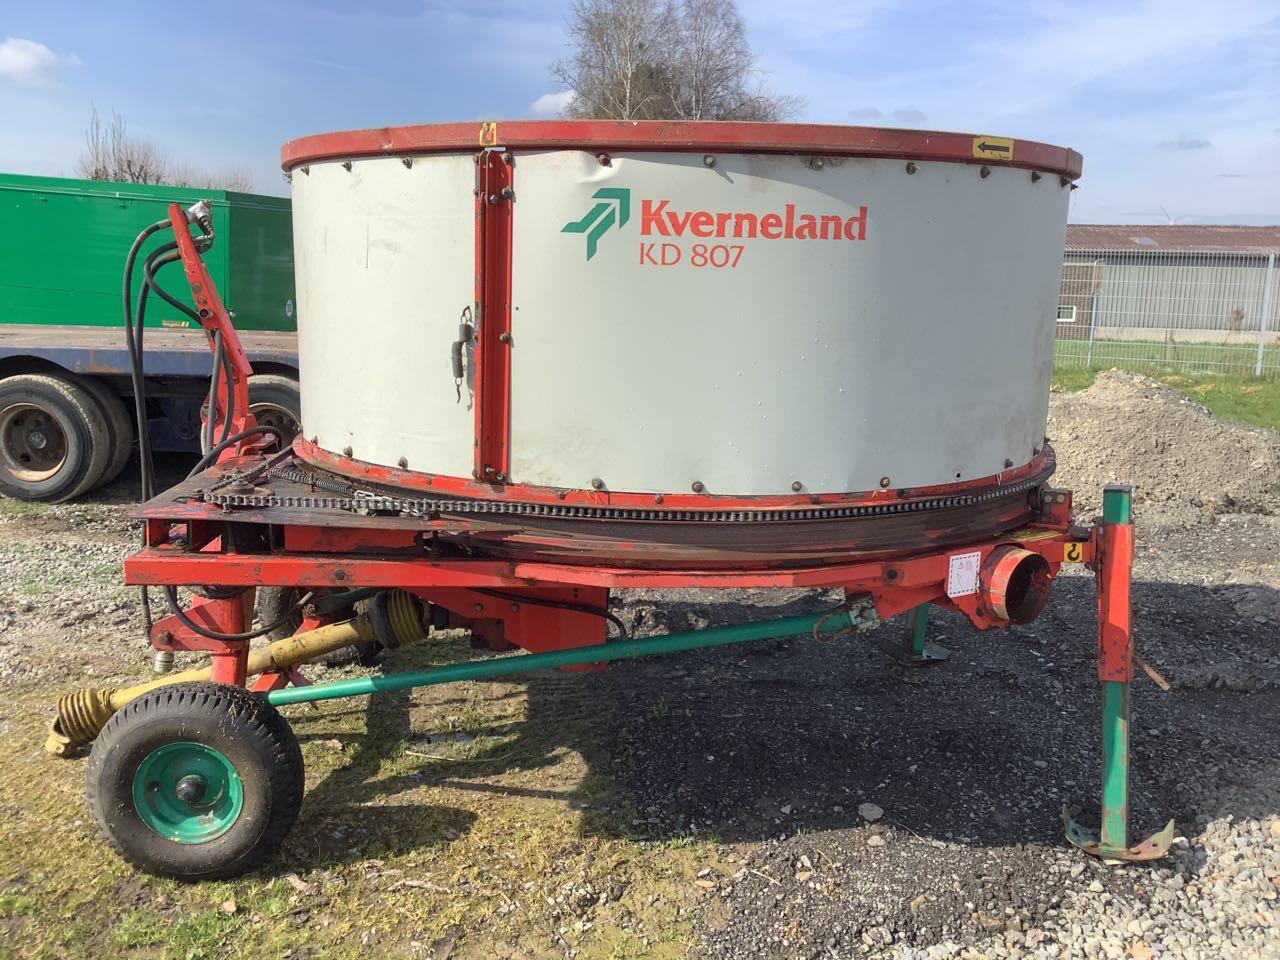 Kverneland KD 807